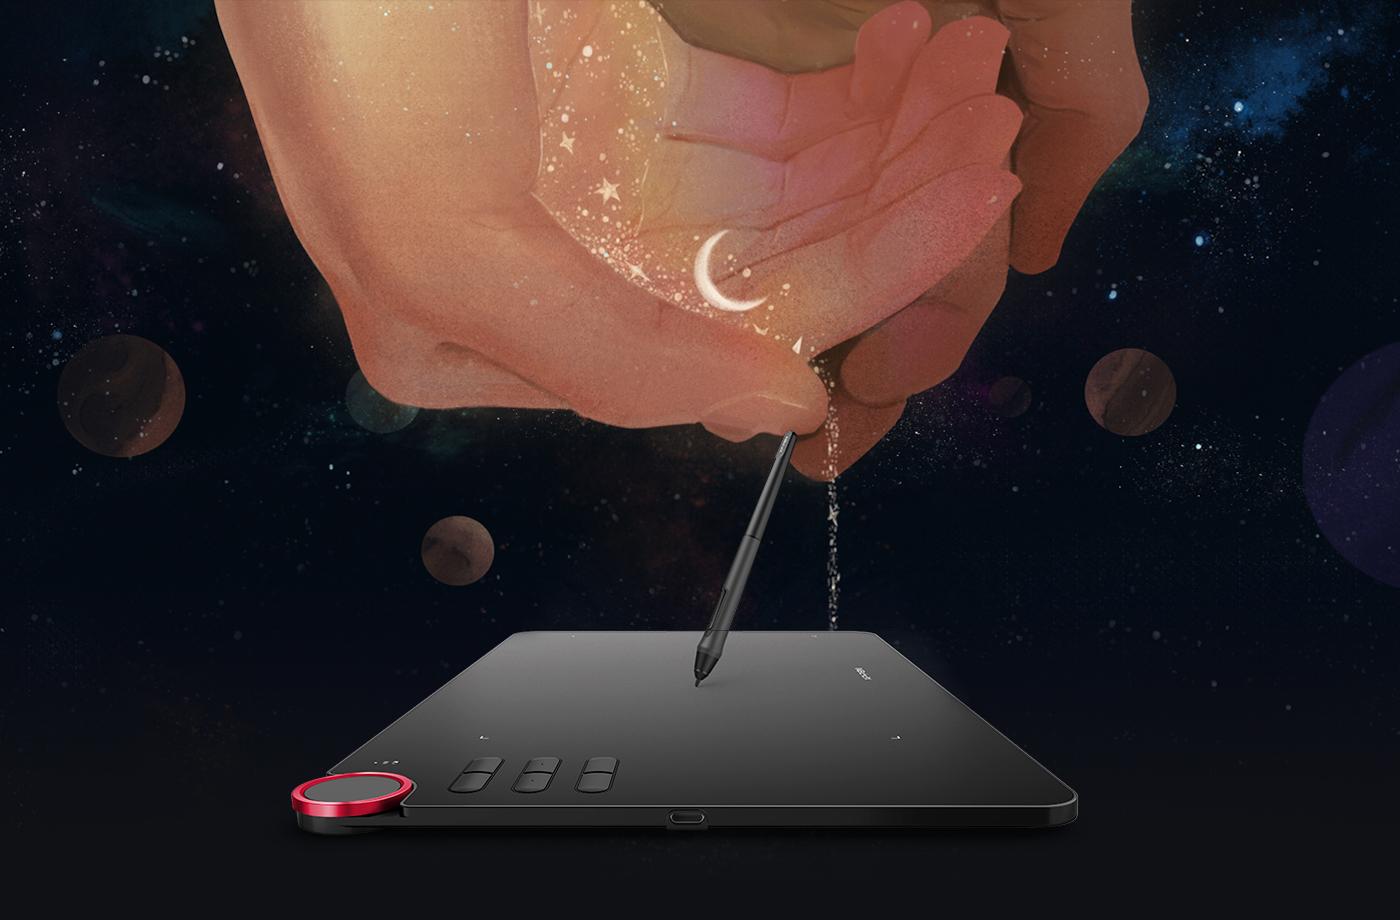 Diseño Maravilloso Con Tableta gráfica inalámbrica XP-Pen Deco 03